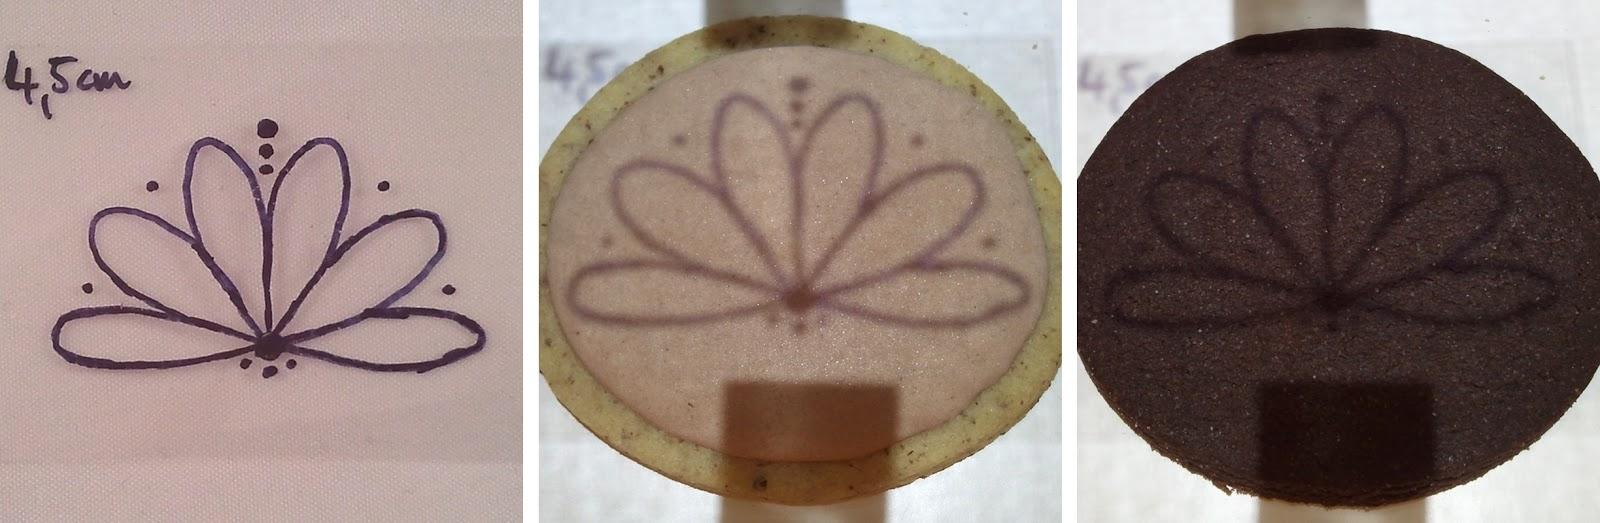 Zuckerfuchs wie verwendet man den selbst gemachten zeichenprojektor zum kekse dekorieren - Kekse dekorieren ...